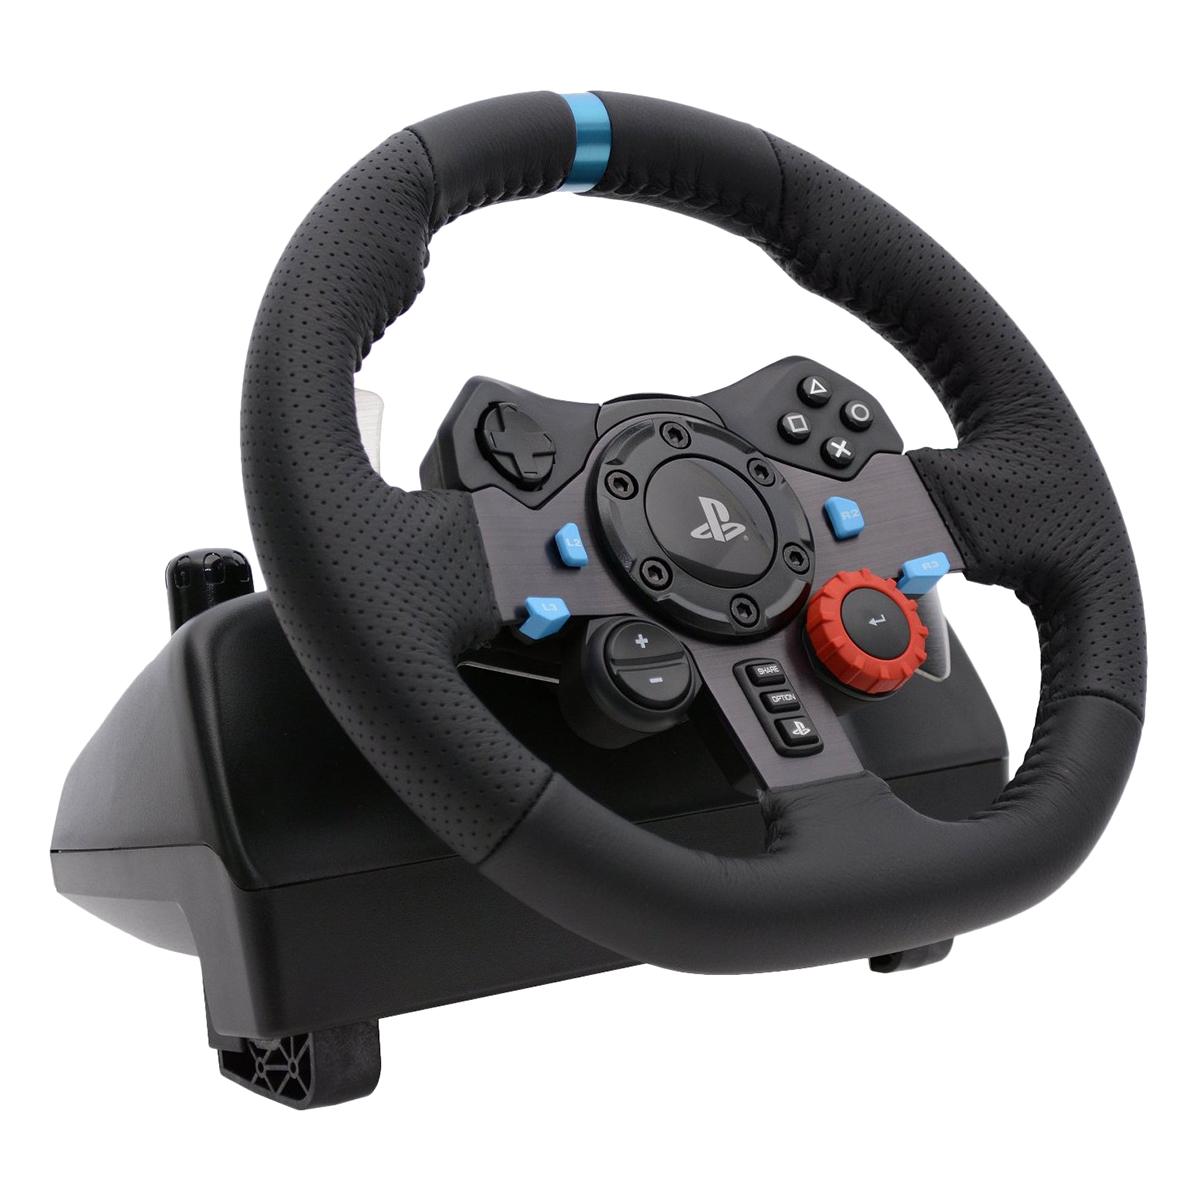 Vô Lăng Gaming Logitech G29 PC/PS4 - Hàng Chính Hãng